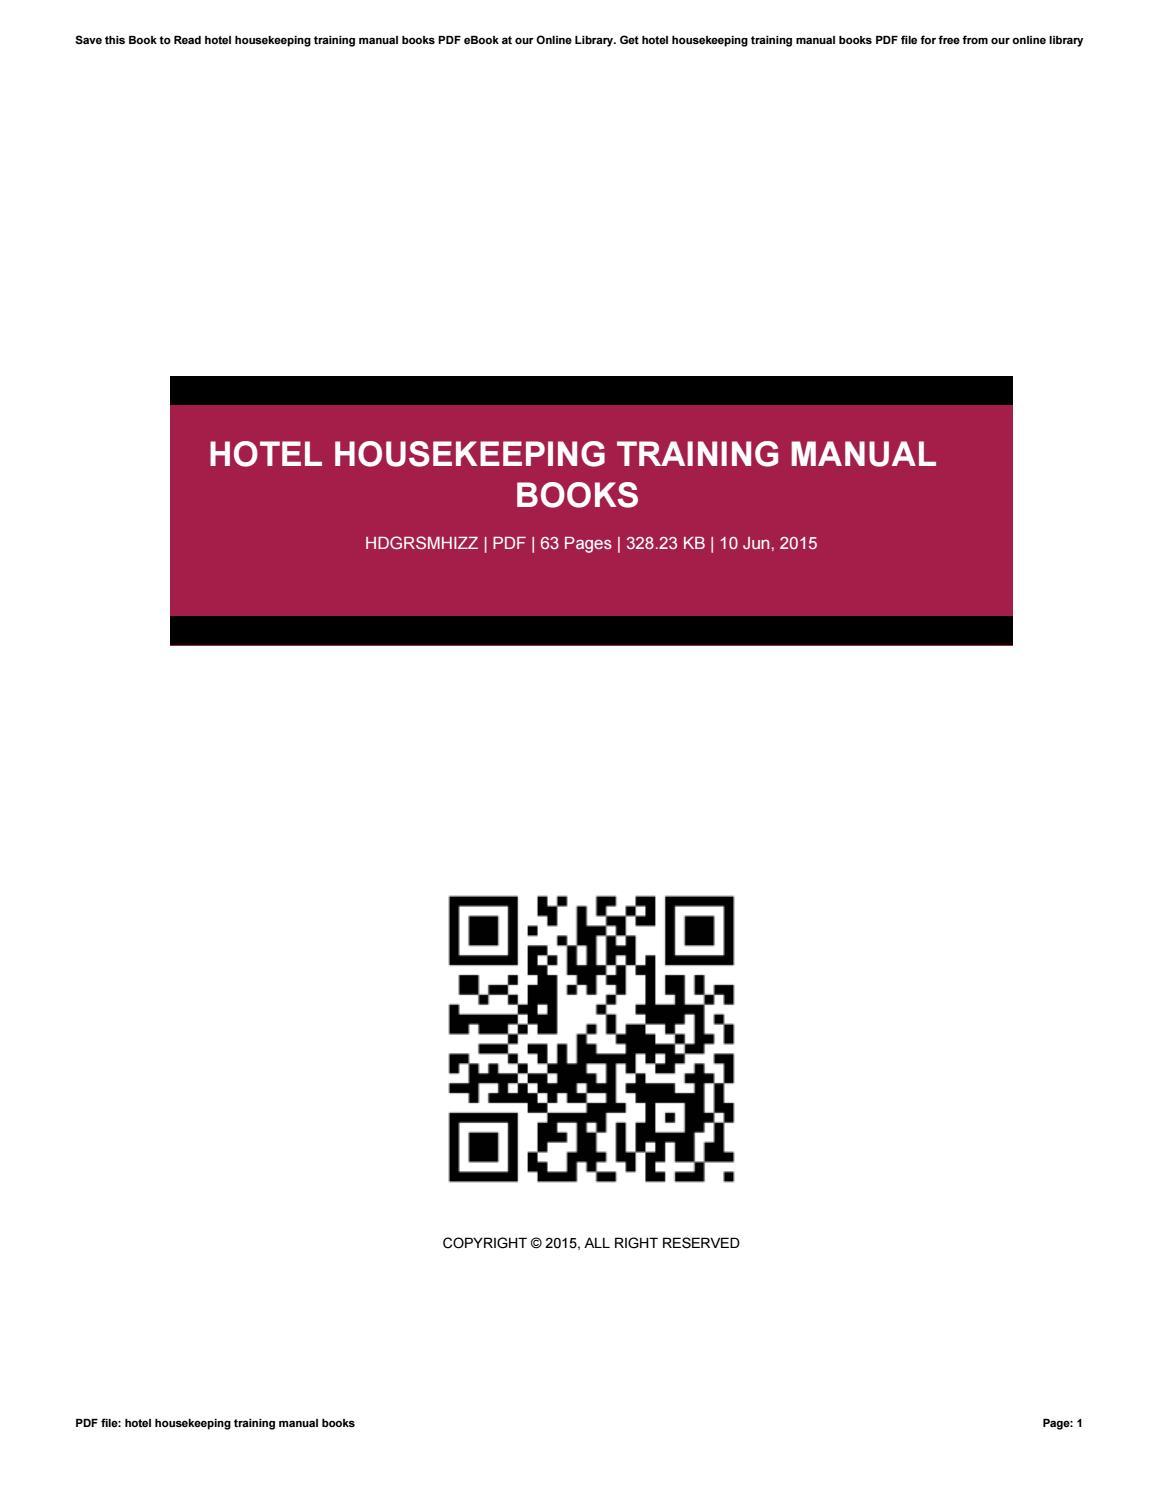 Housekeeping training manual sudhir andrews.